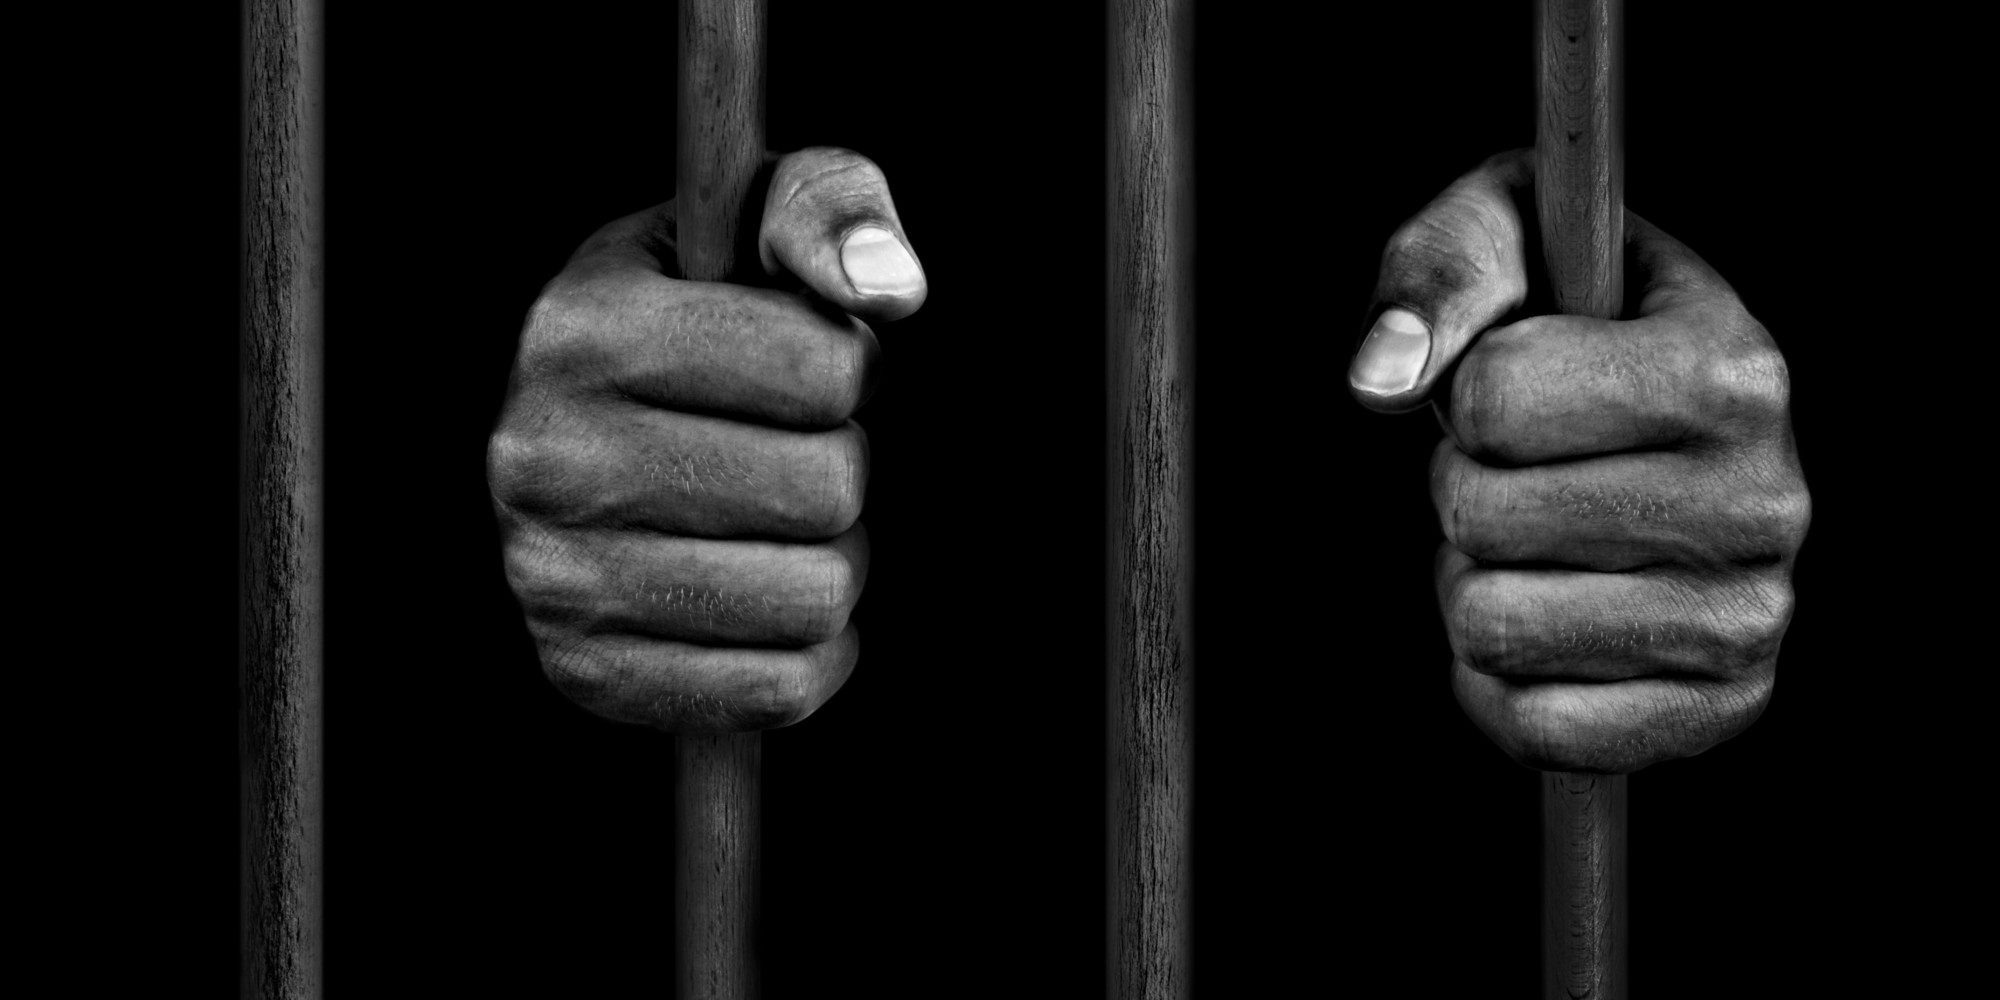 Έχει καταργηθεί η θανατική ποινή;